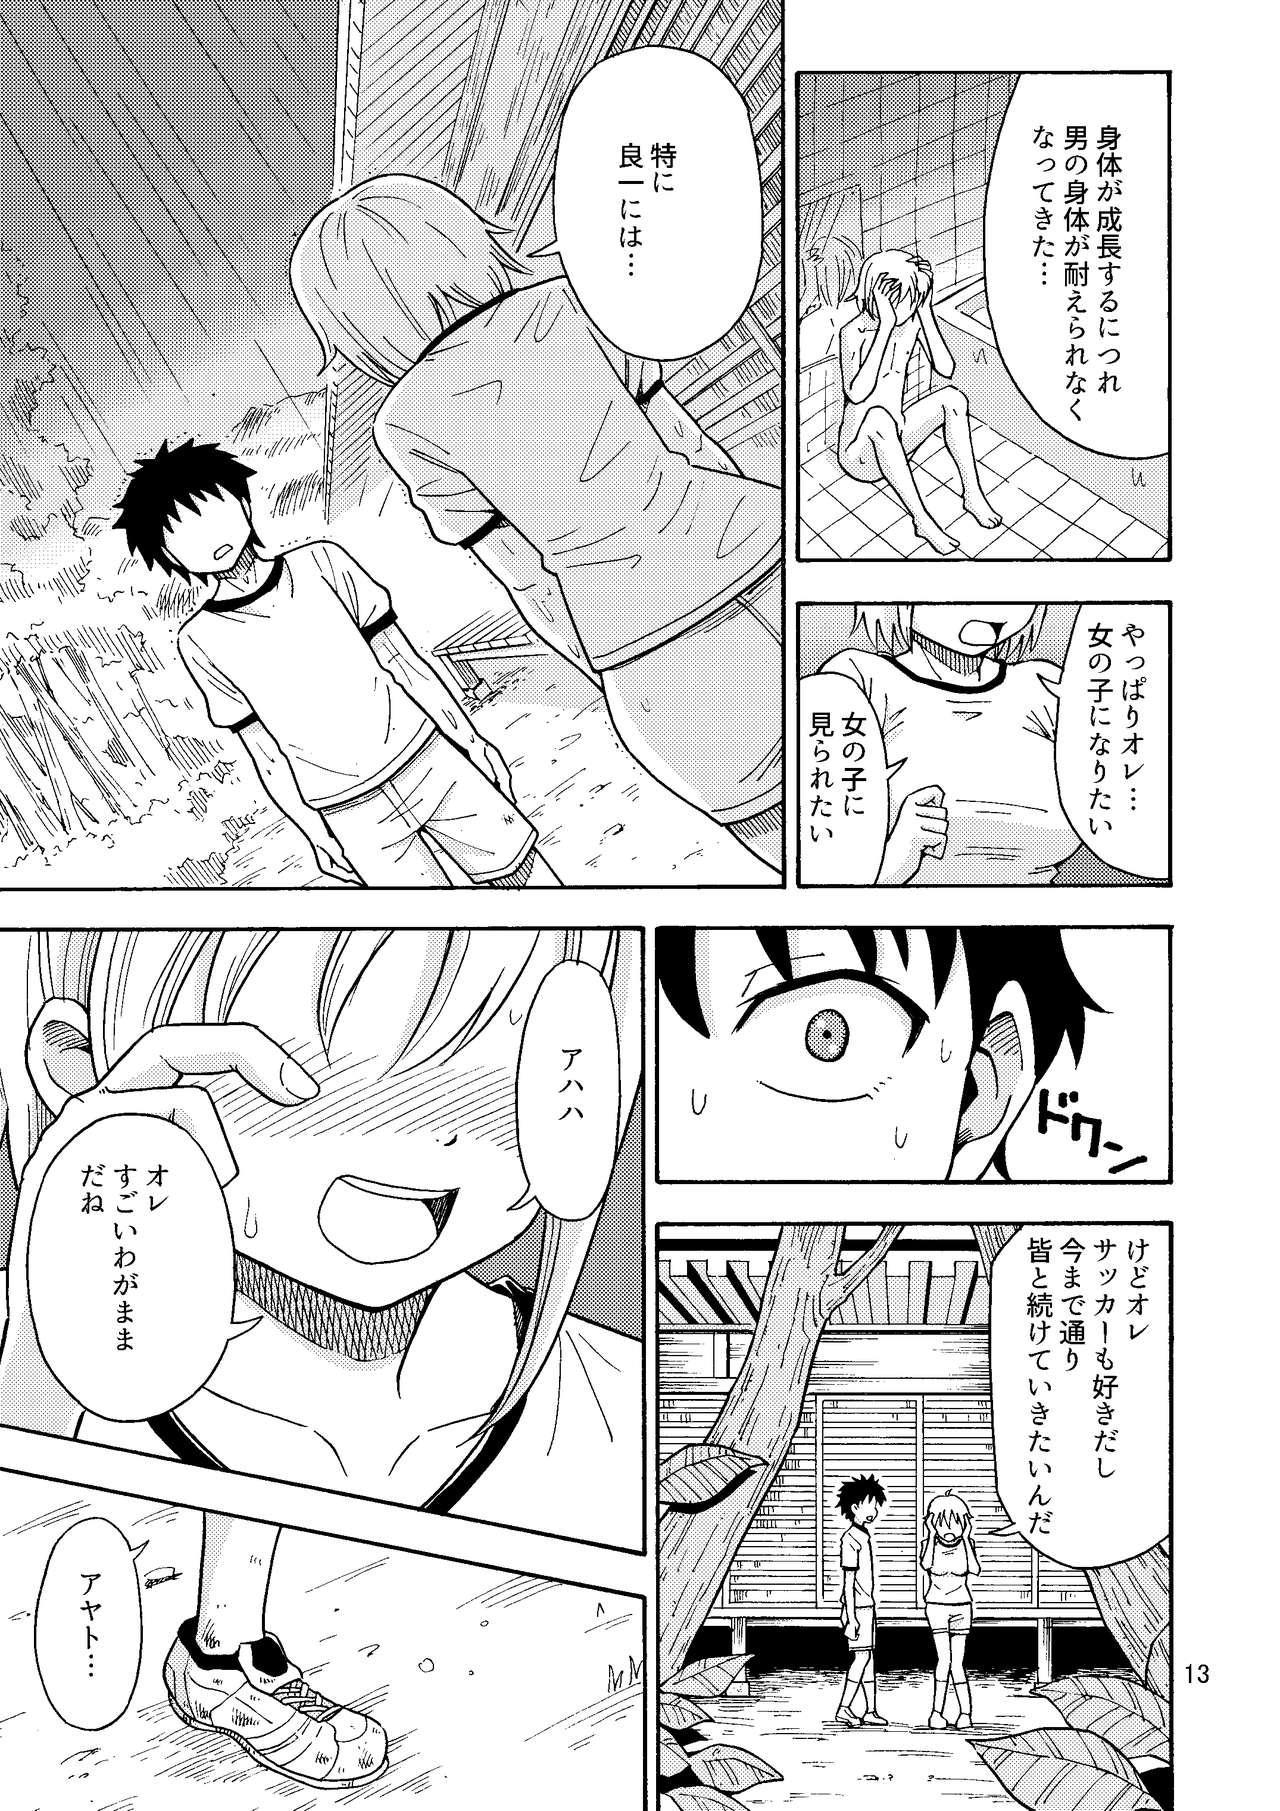 Shinyuu ga Onnanoko ni Narimashita 13